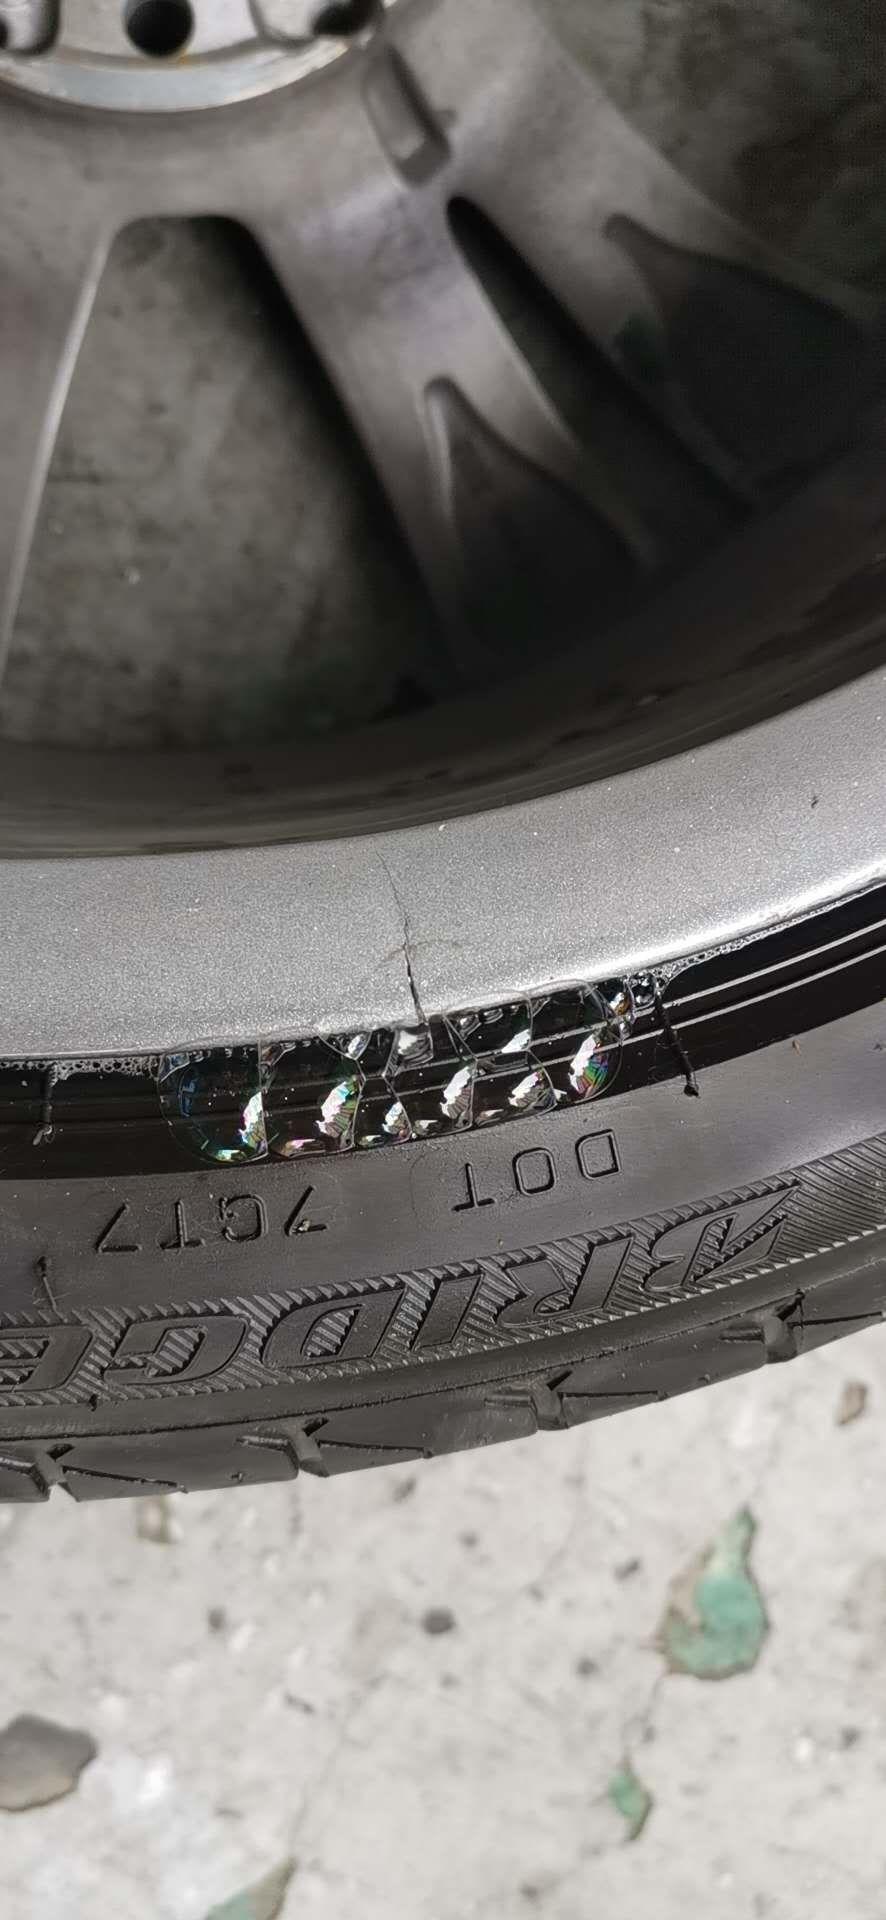 奔馳-奔馳CLA級 奔馳左上輪輪轂無故斷裂